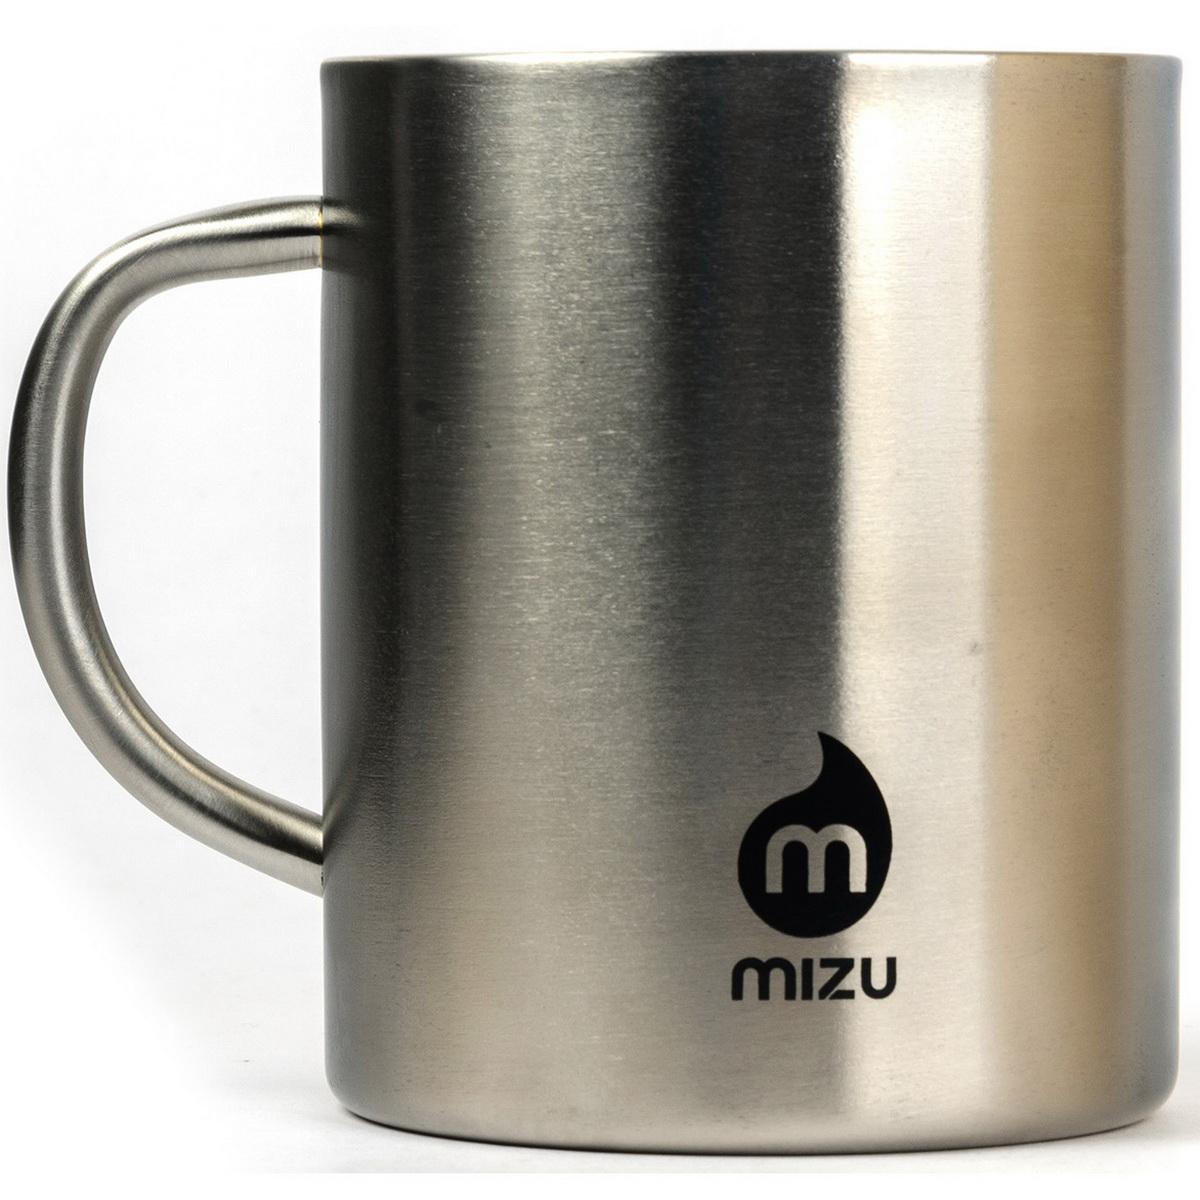 Термокружка Mizu, цвет: стальной, черный, 420 млW01AMZACCNSКружка Mizu выполнена из пищевой нержавеющей стали. На корпусе - фирменный логотип MIZU. Она пригодится в путешествия, в походах и на рыбалке. Объем: 420 мл. Диаметр: 8,5 см.